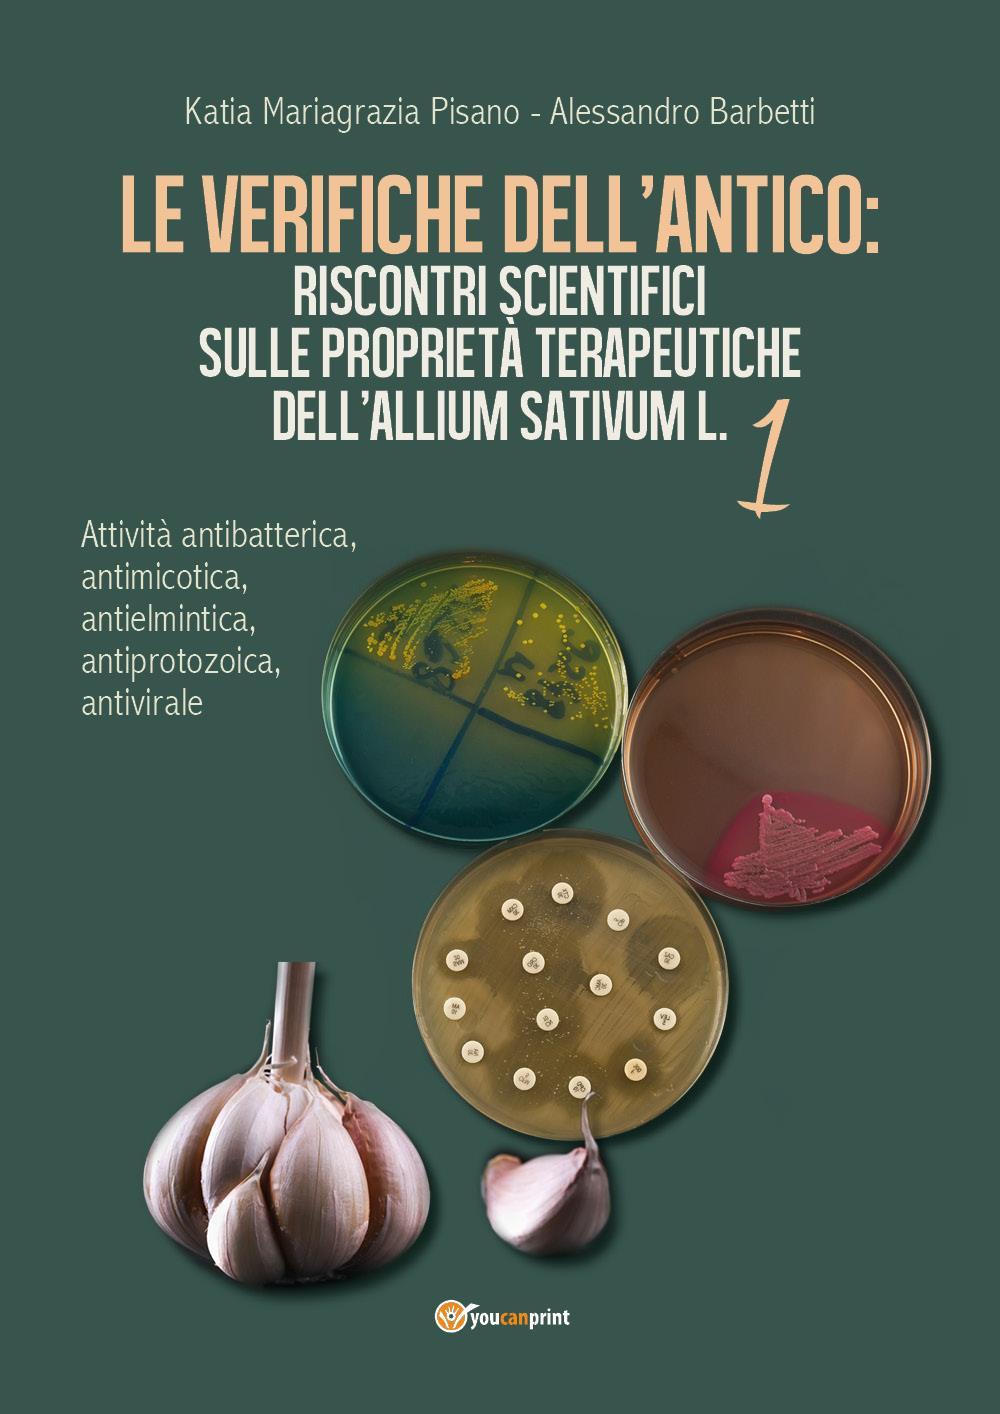 Le verifiche dell'Antico: Riscontri scientifici sulle proprietà terapeutiche dell'Allium sativum L.1 - Attività antibatterica, antimicotica, antielmintica, antiprotozoica, antivirale